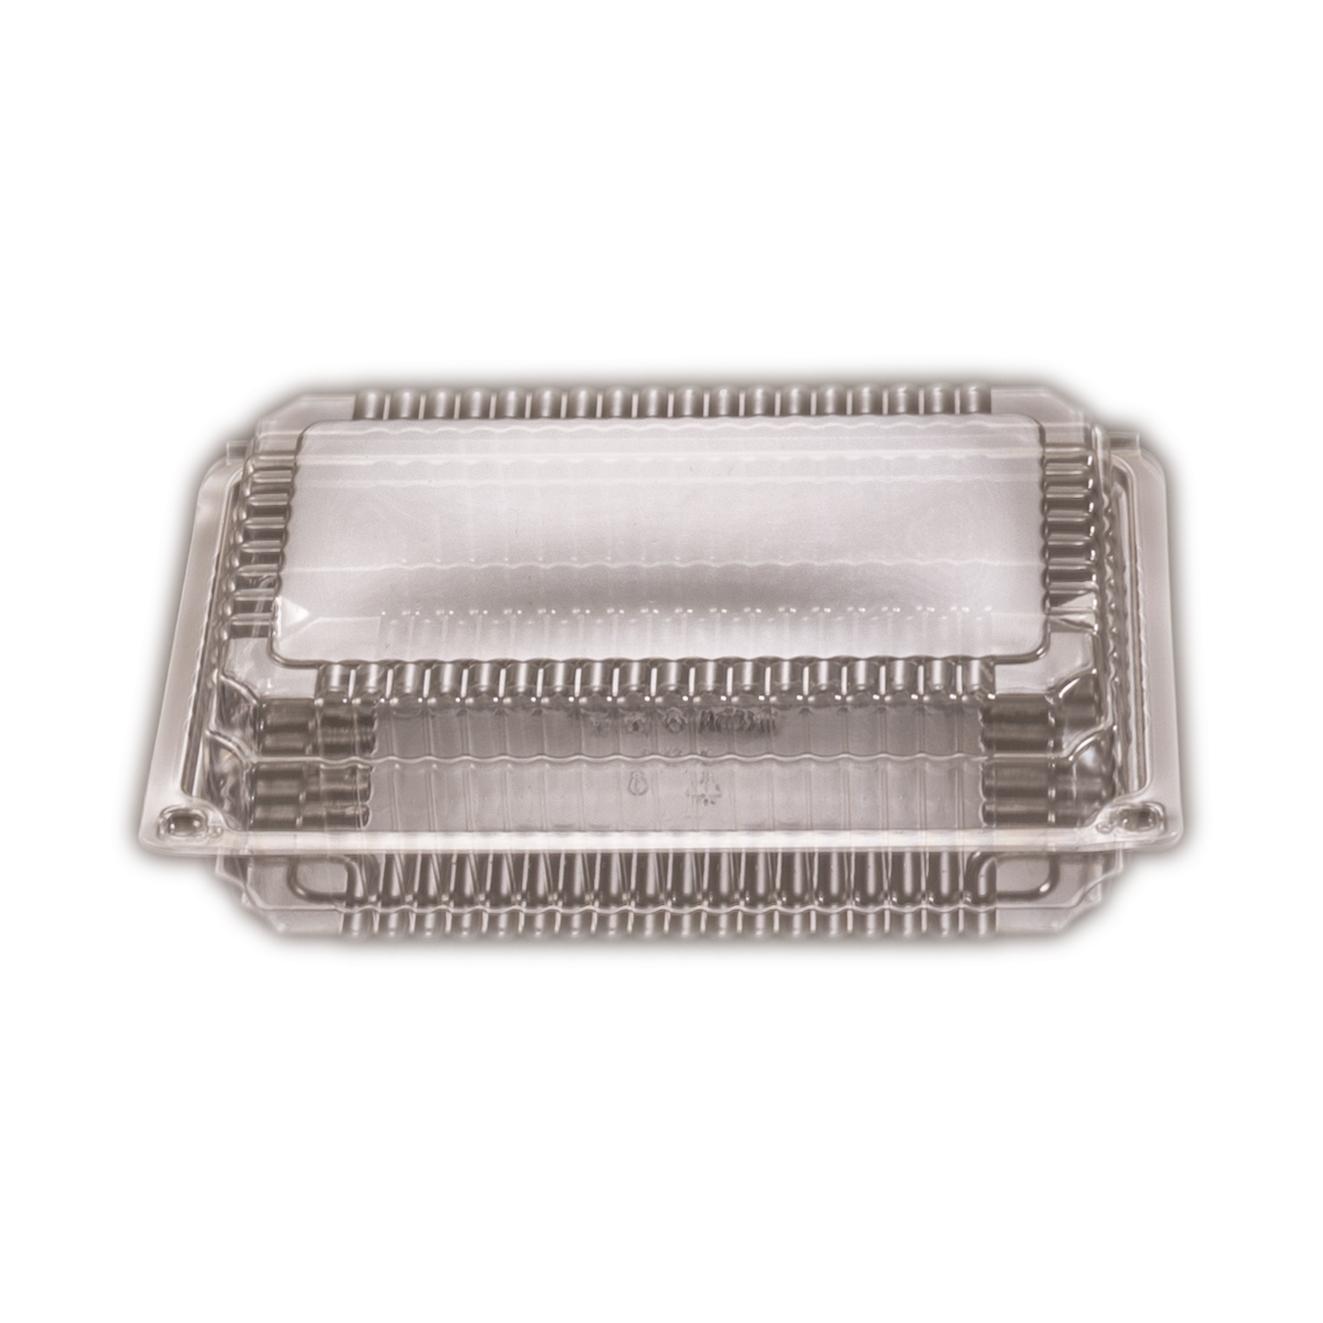 iK-SP4      RECTANGLE HINGED SUPER    229 x 286 x 35mm 100 per slv 200 per carton